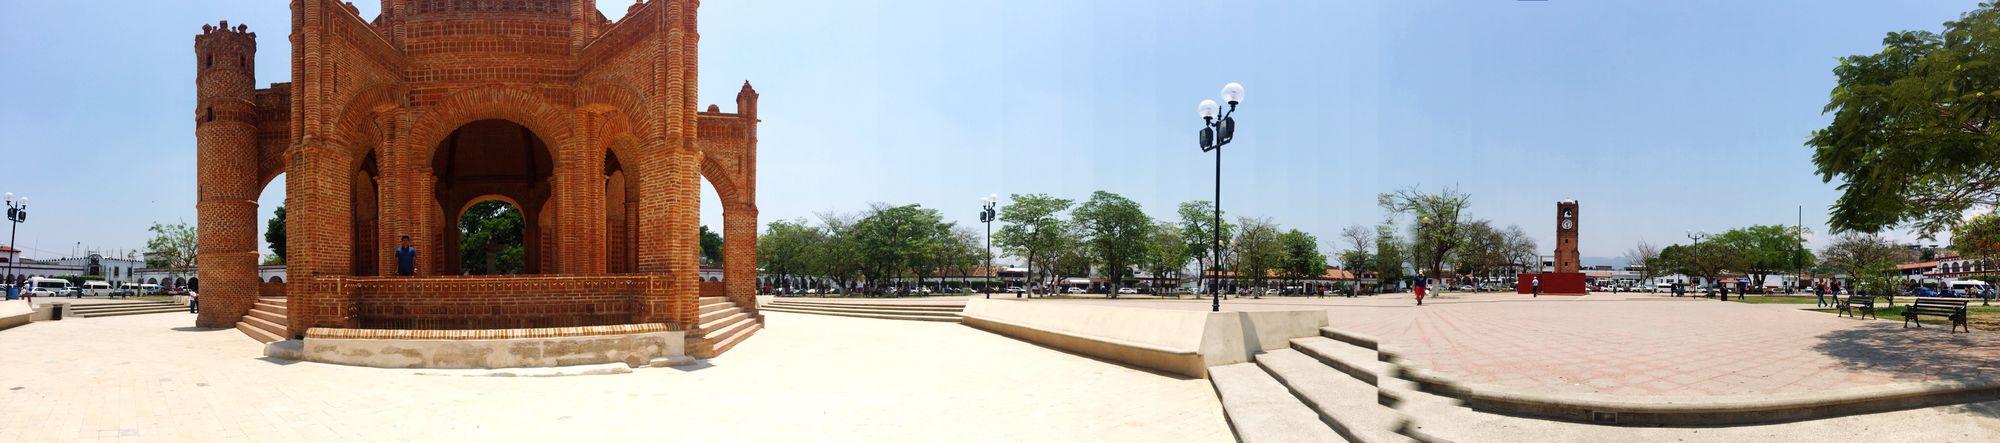 VisitChiapas Chiapasvivemexico Chiapadecorzo. Square Source Sun April 2016